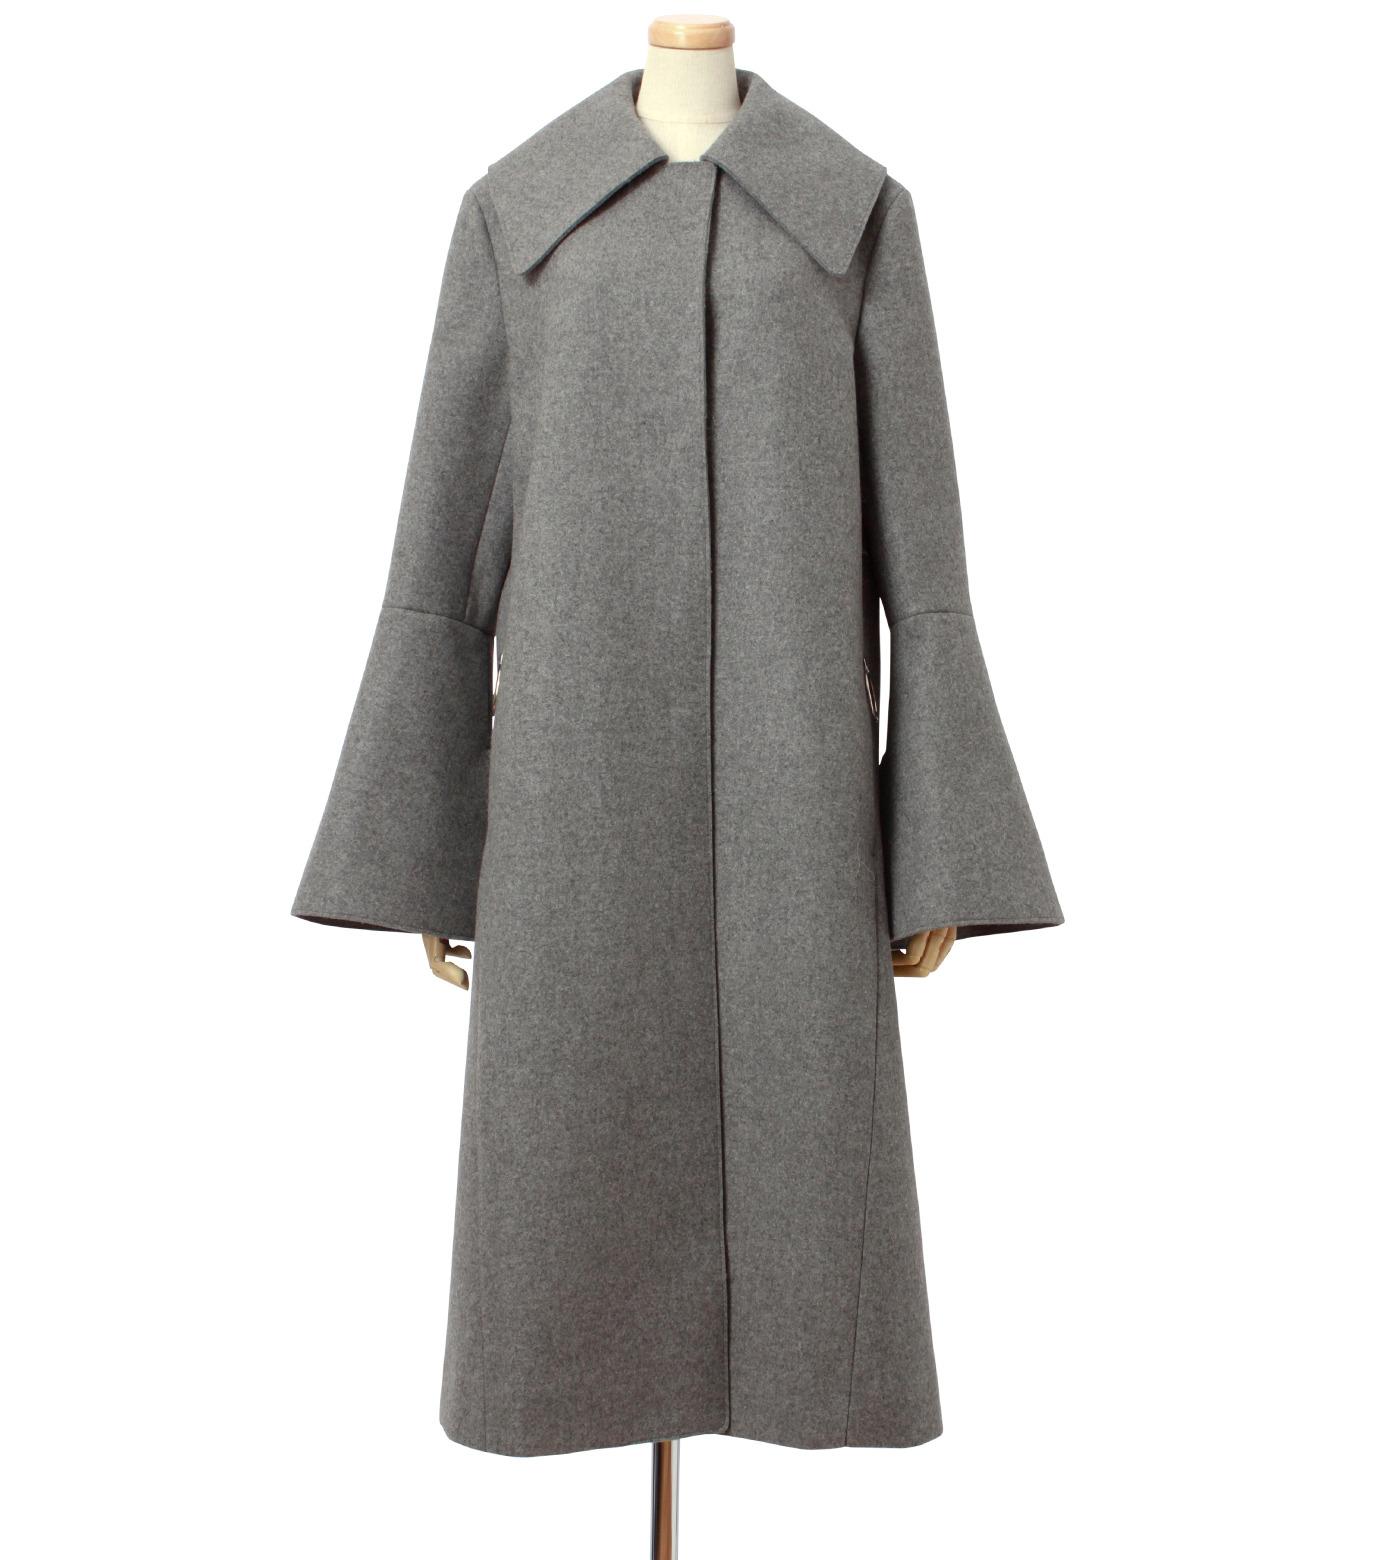 IRENE(アイレネ)のベルスリーブトレンチコート-GRAY(コート/coat)-18A89004 拡大詳細画像1